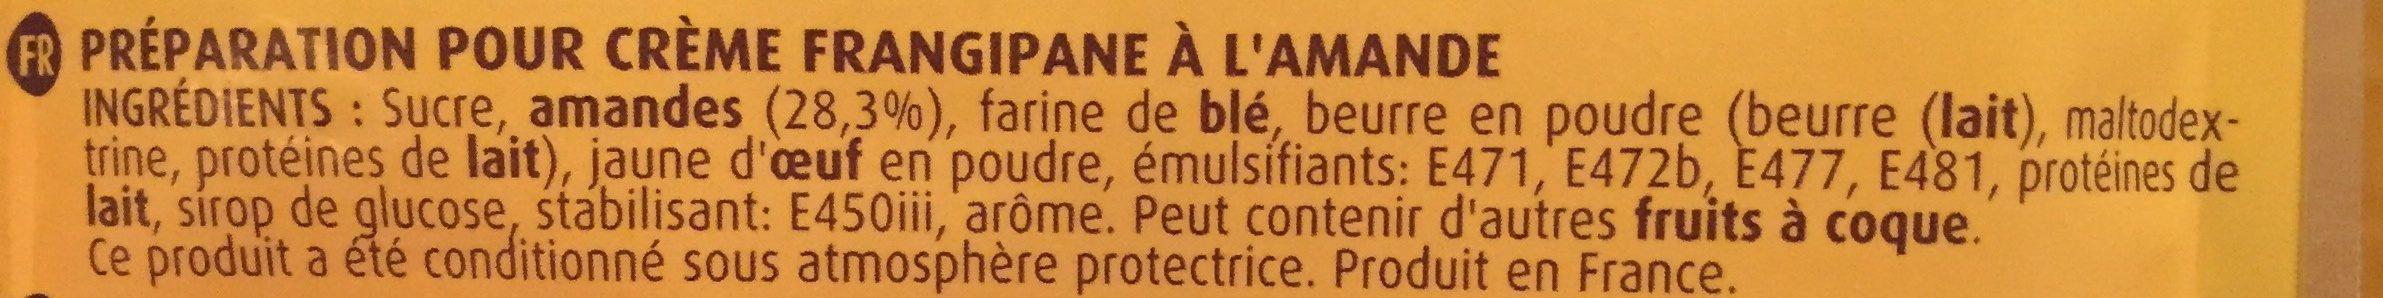 Vahiné Préparation Pour Frangipane +fève +couronne 250g - Ingrédients - fr